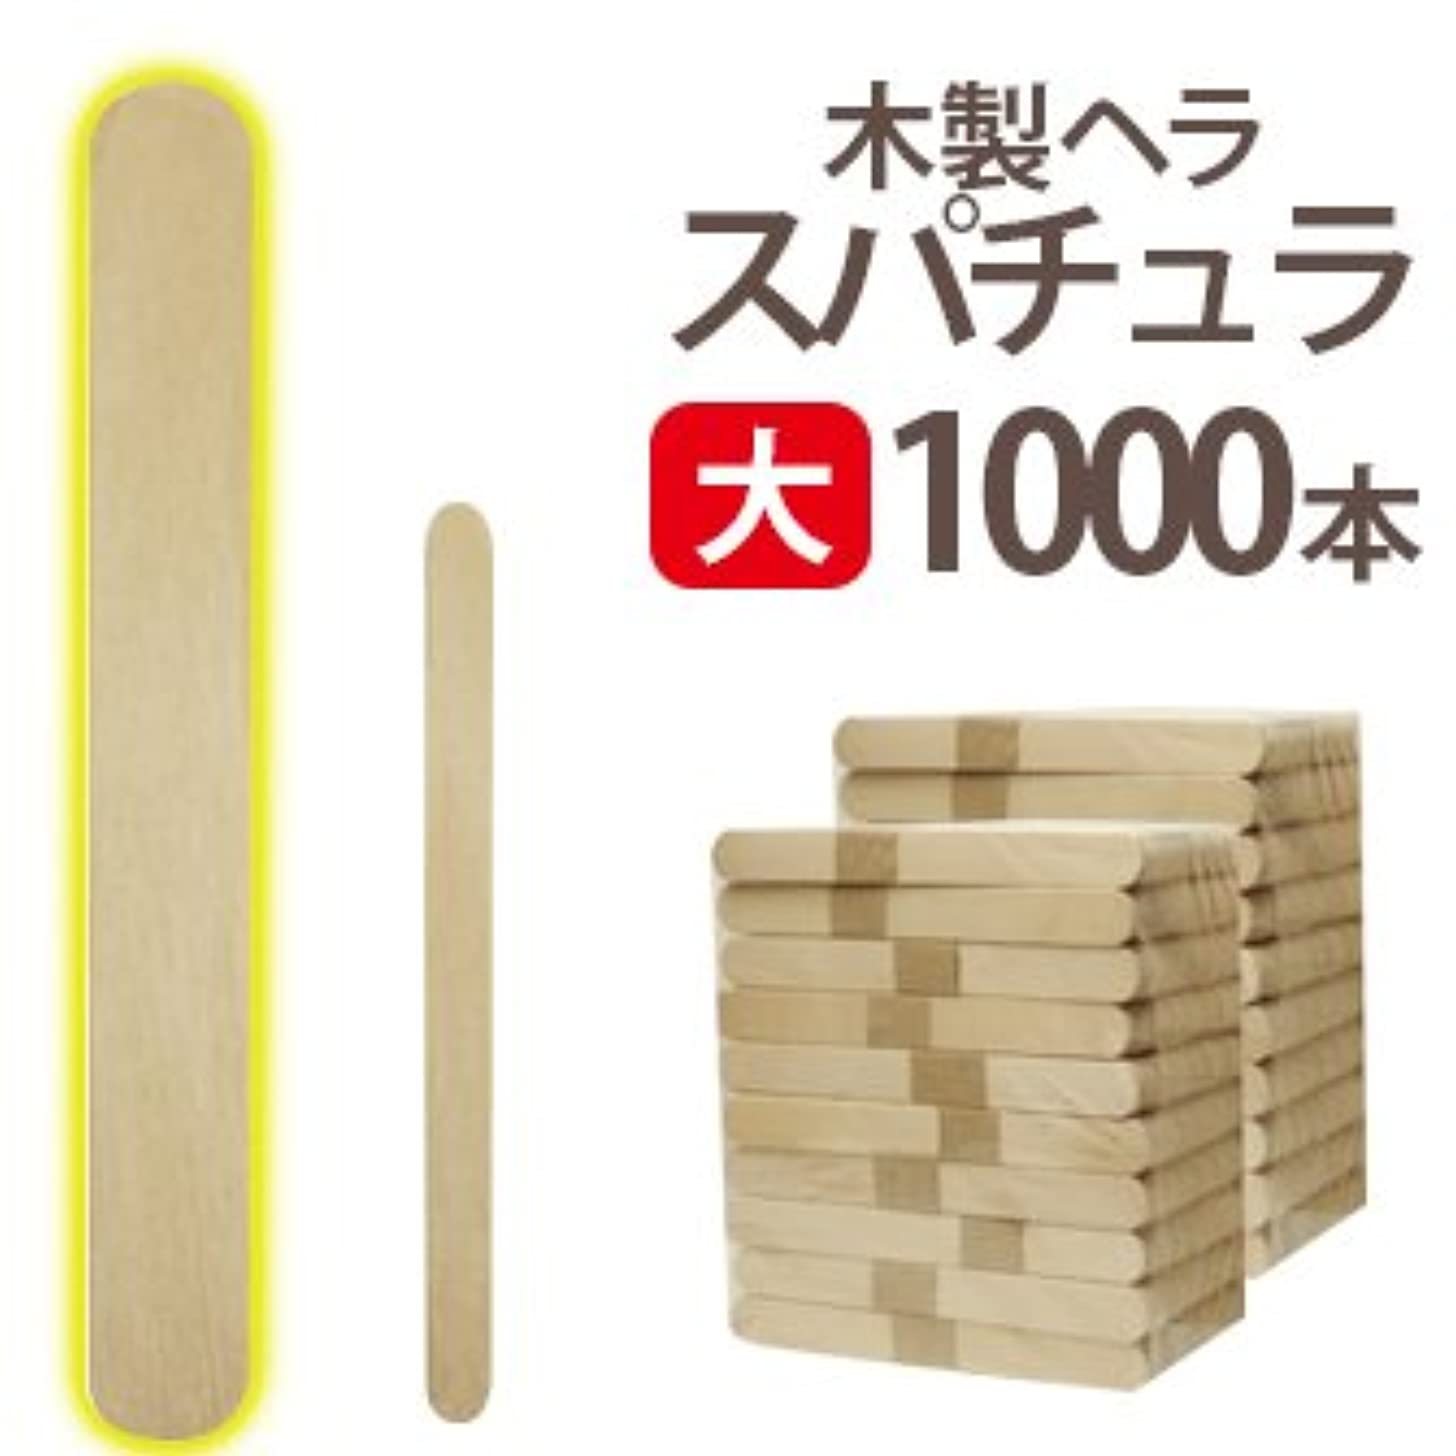 編集者恥導出大 ブラジリアンワックス 業務用1000本 スパチュラ Aタイプ(個別梱包なし 150×16)